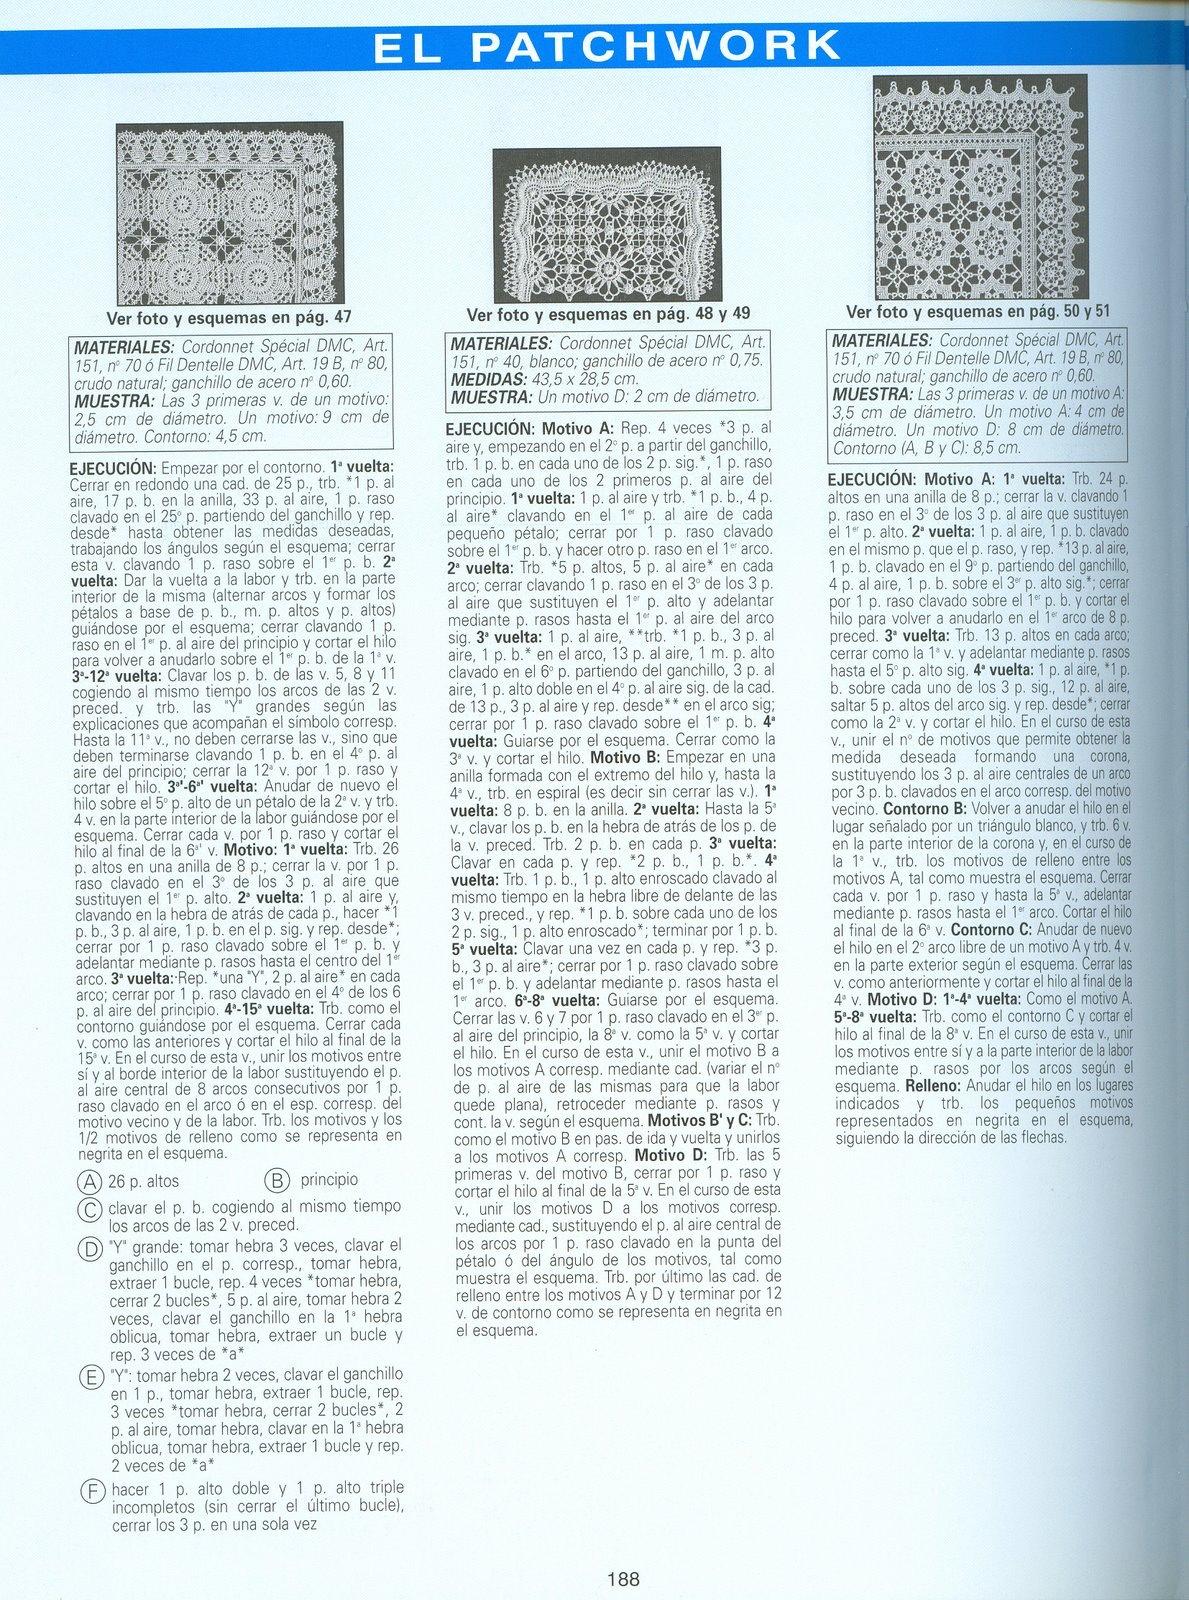 Уникальная книга по вязанию из серии dmc creations crochet d'or